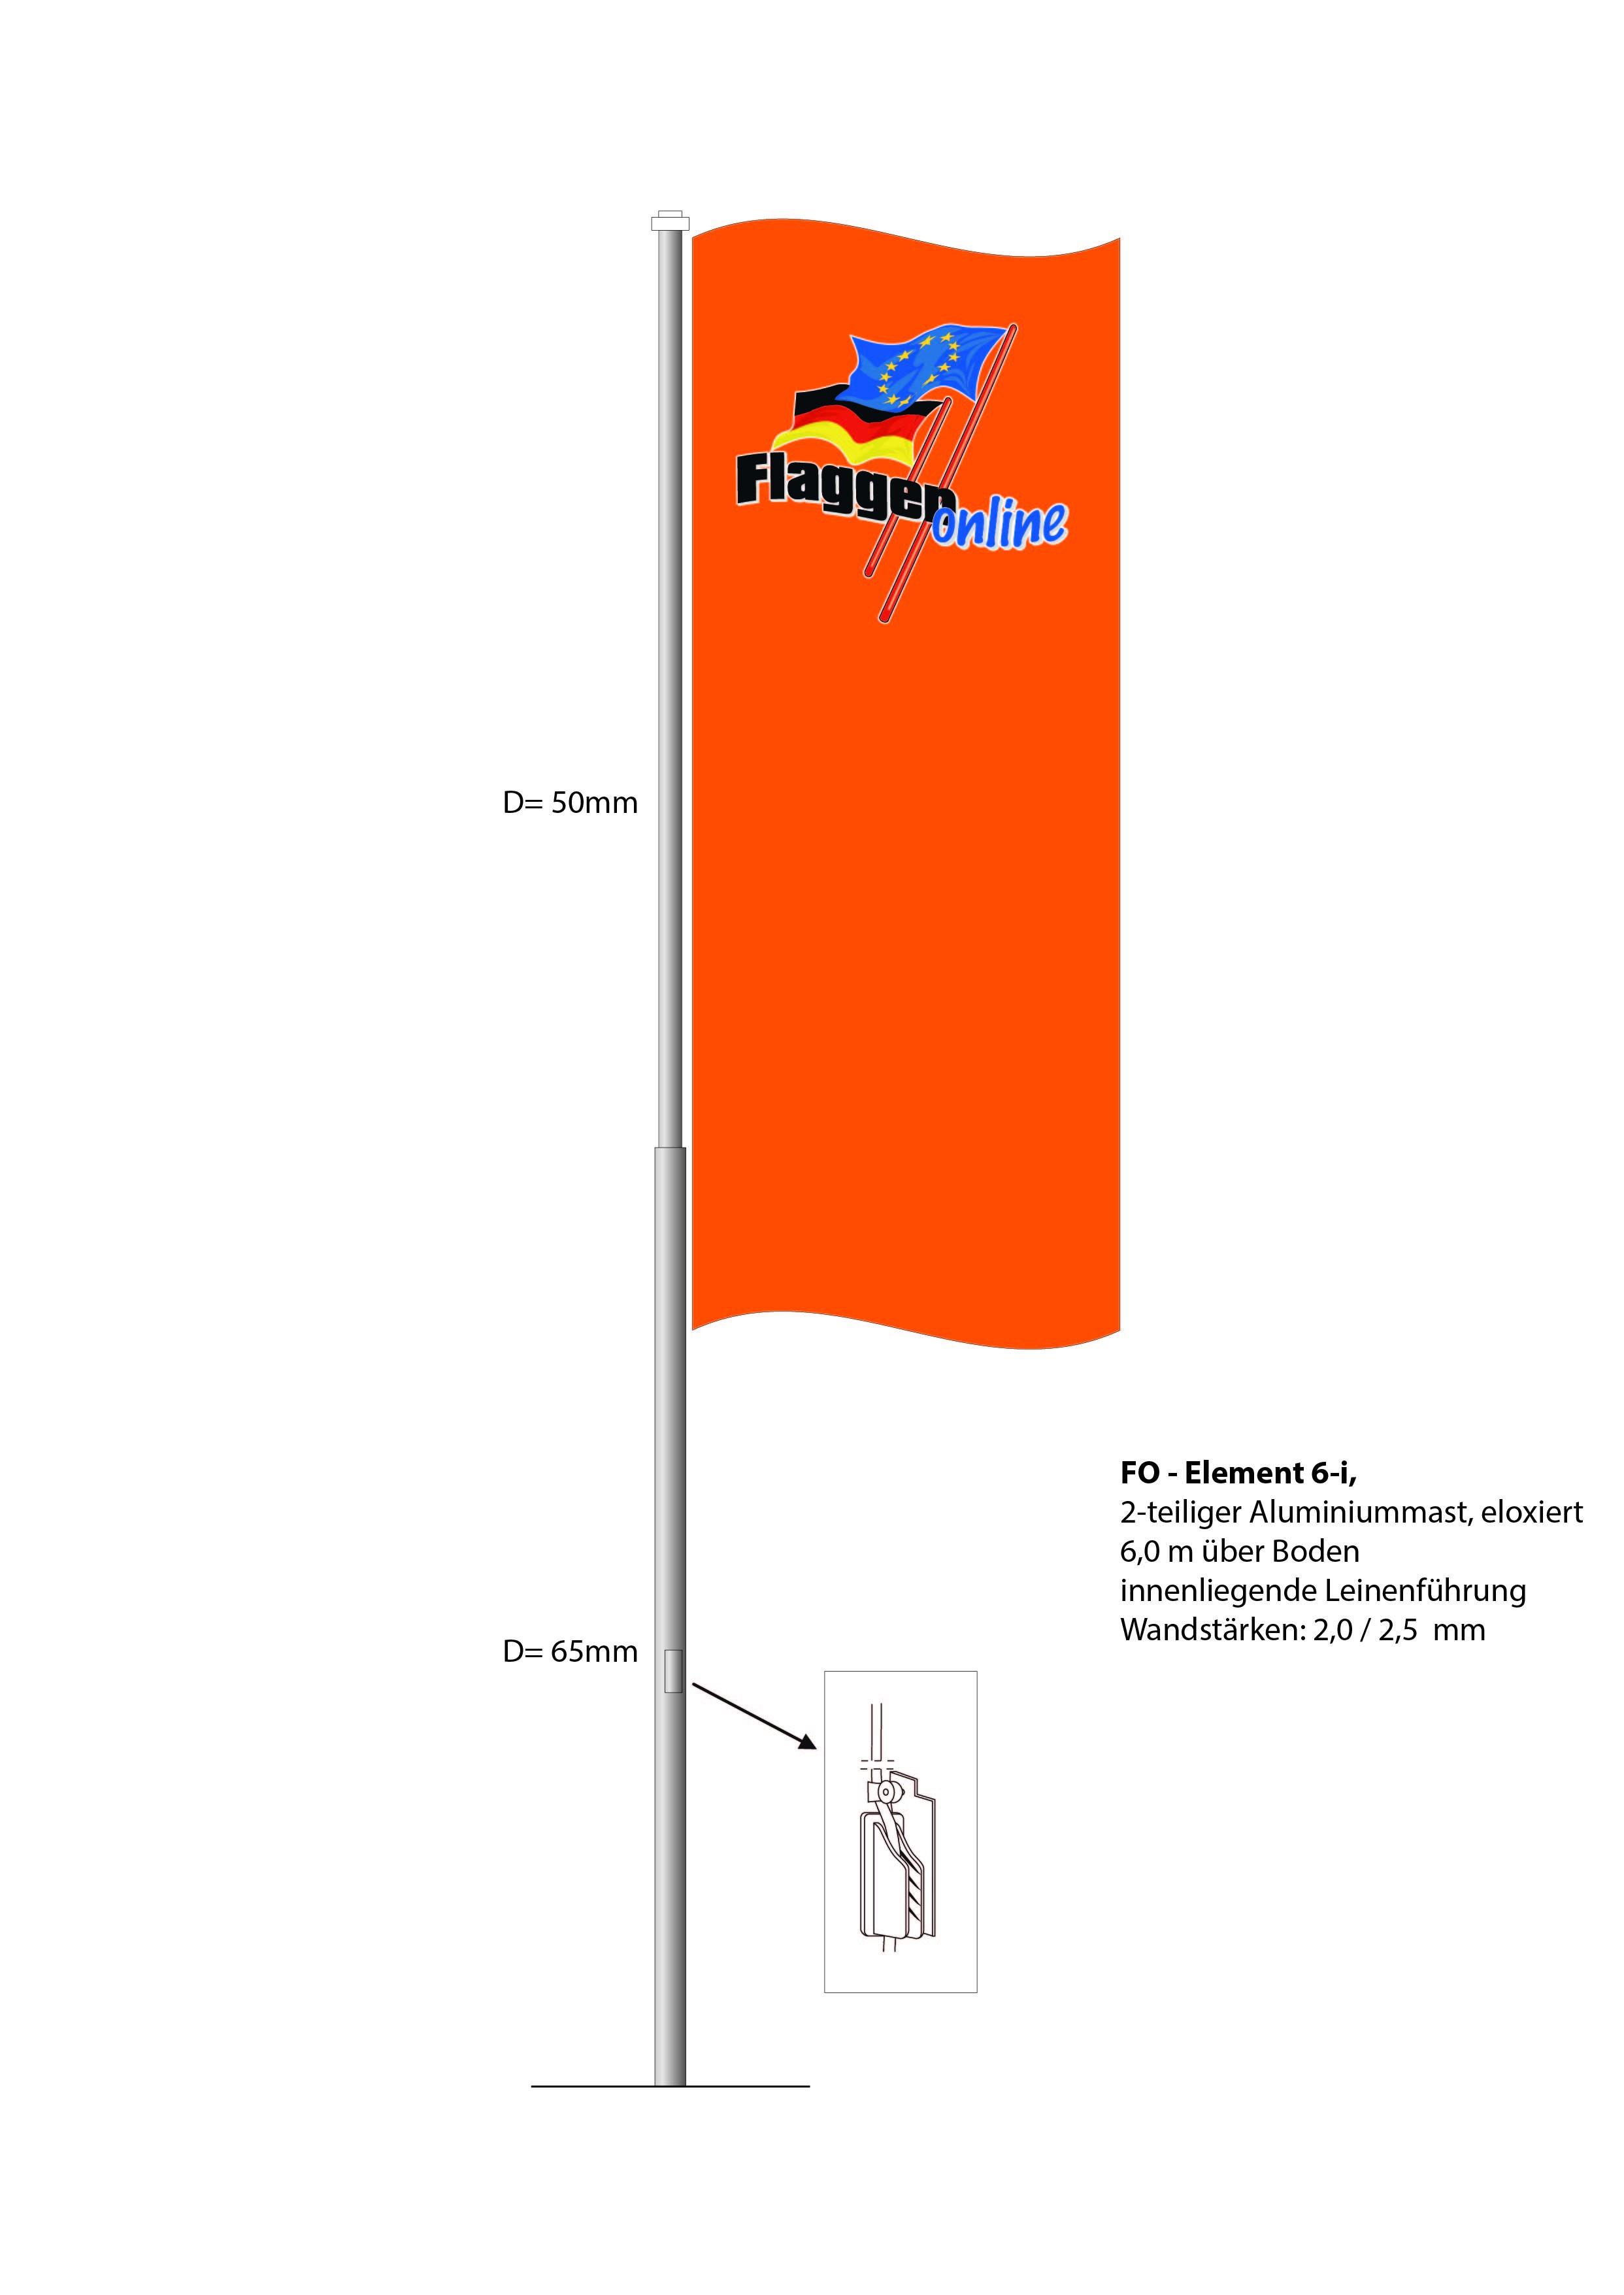 Alu-Flaggenmast FO-Element 6i 6 Meter über Boden